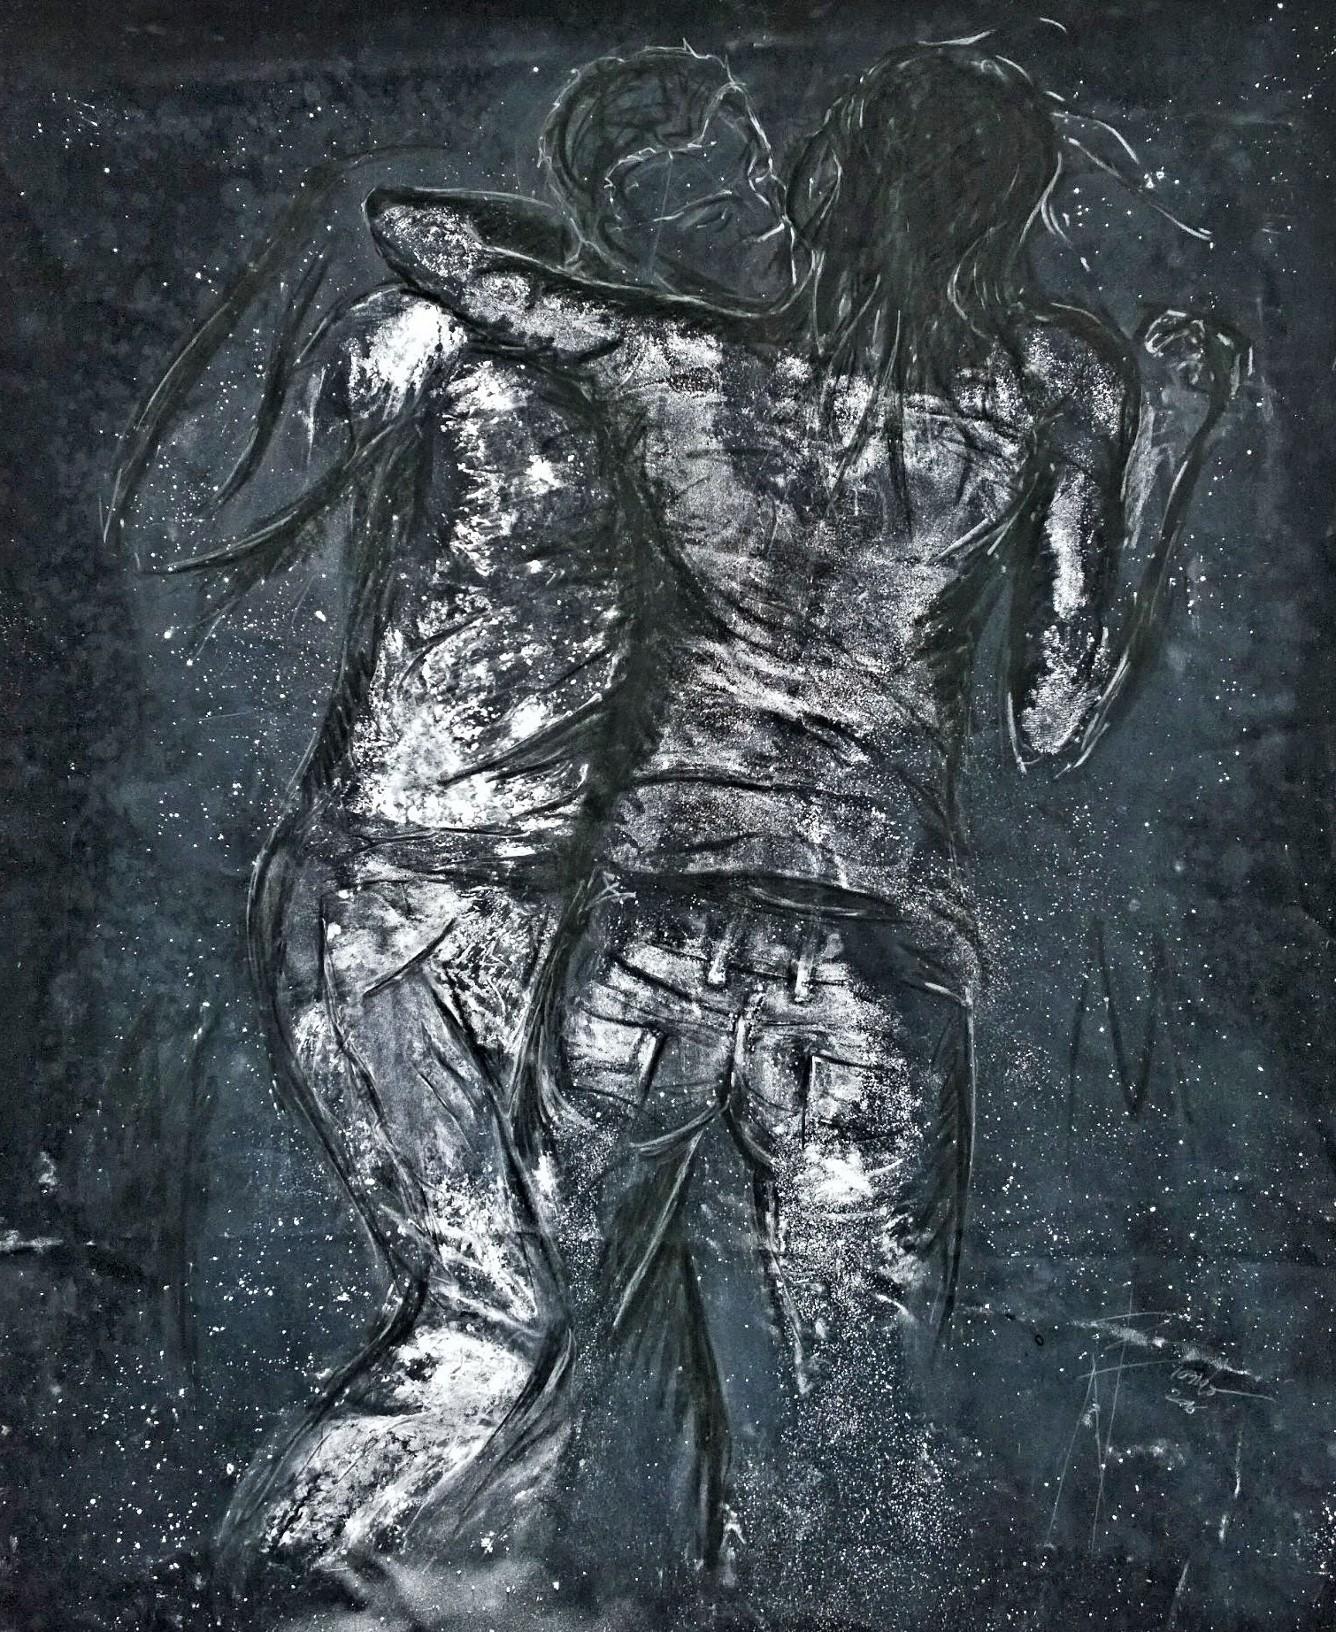 Nazareno Biondo Bacio polvere di marmo su tela 160x125cm, 2016